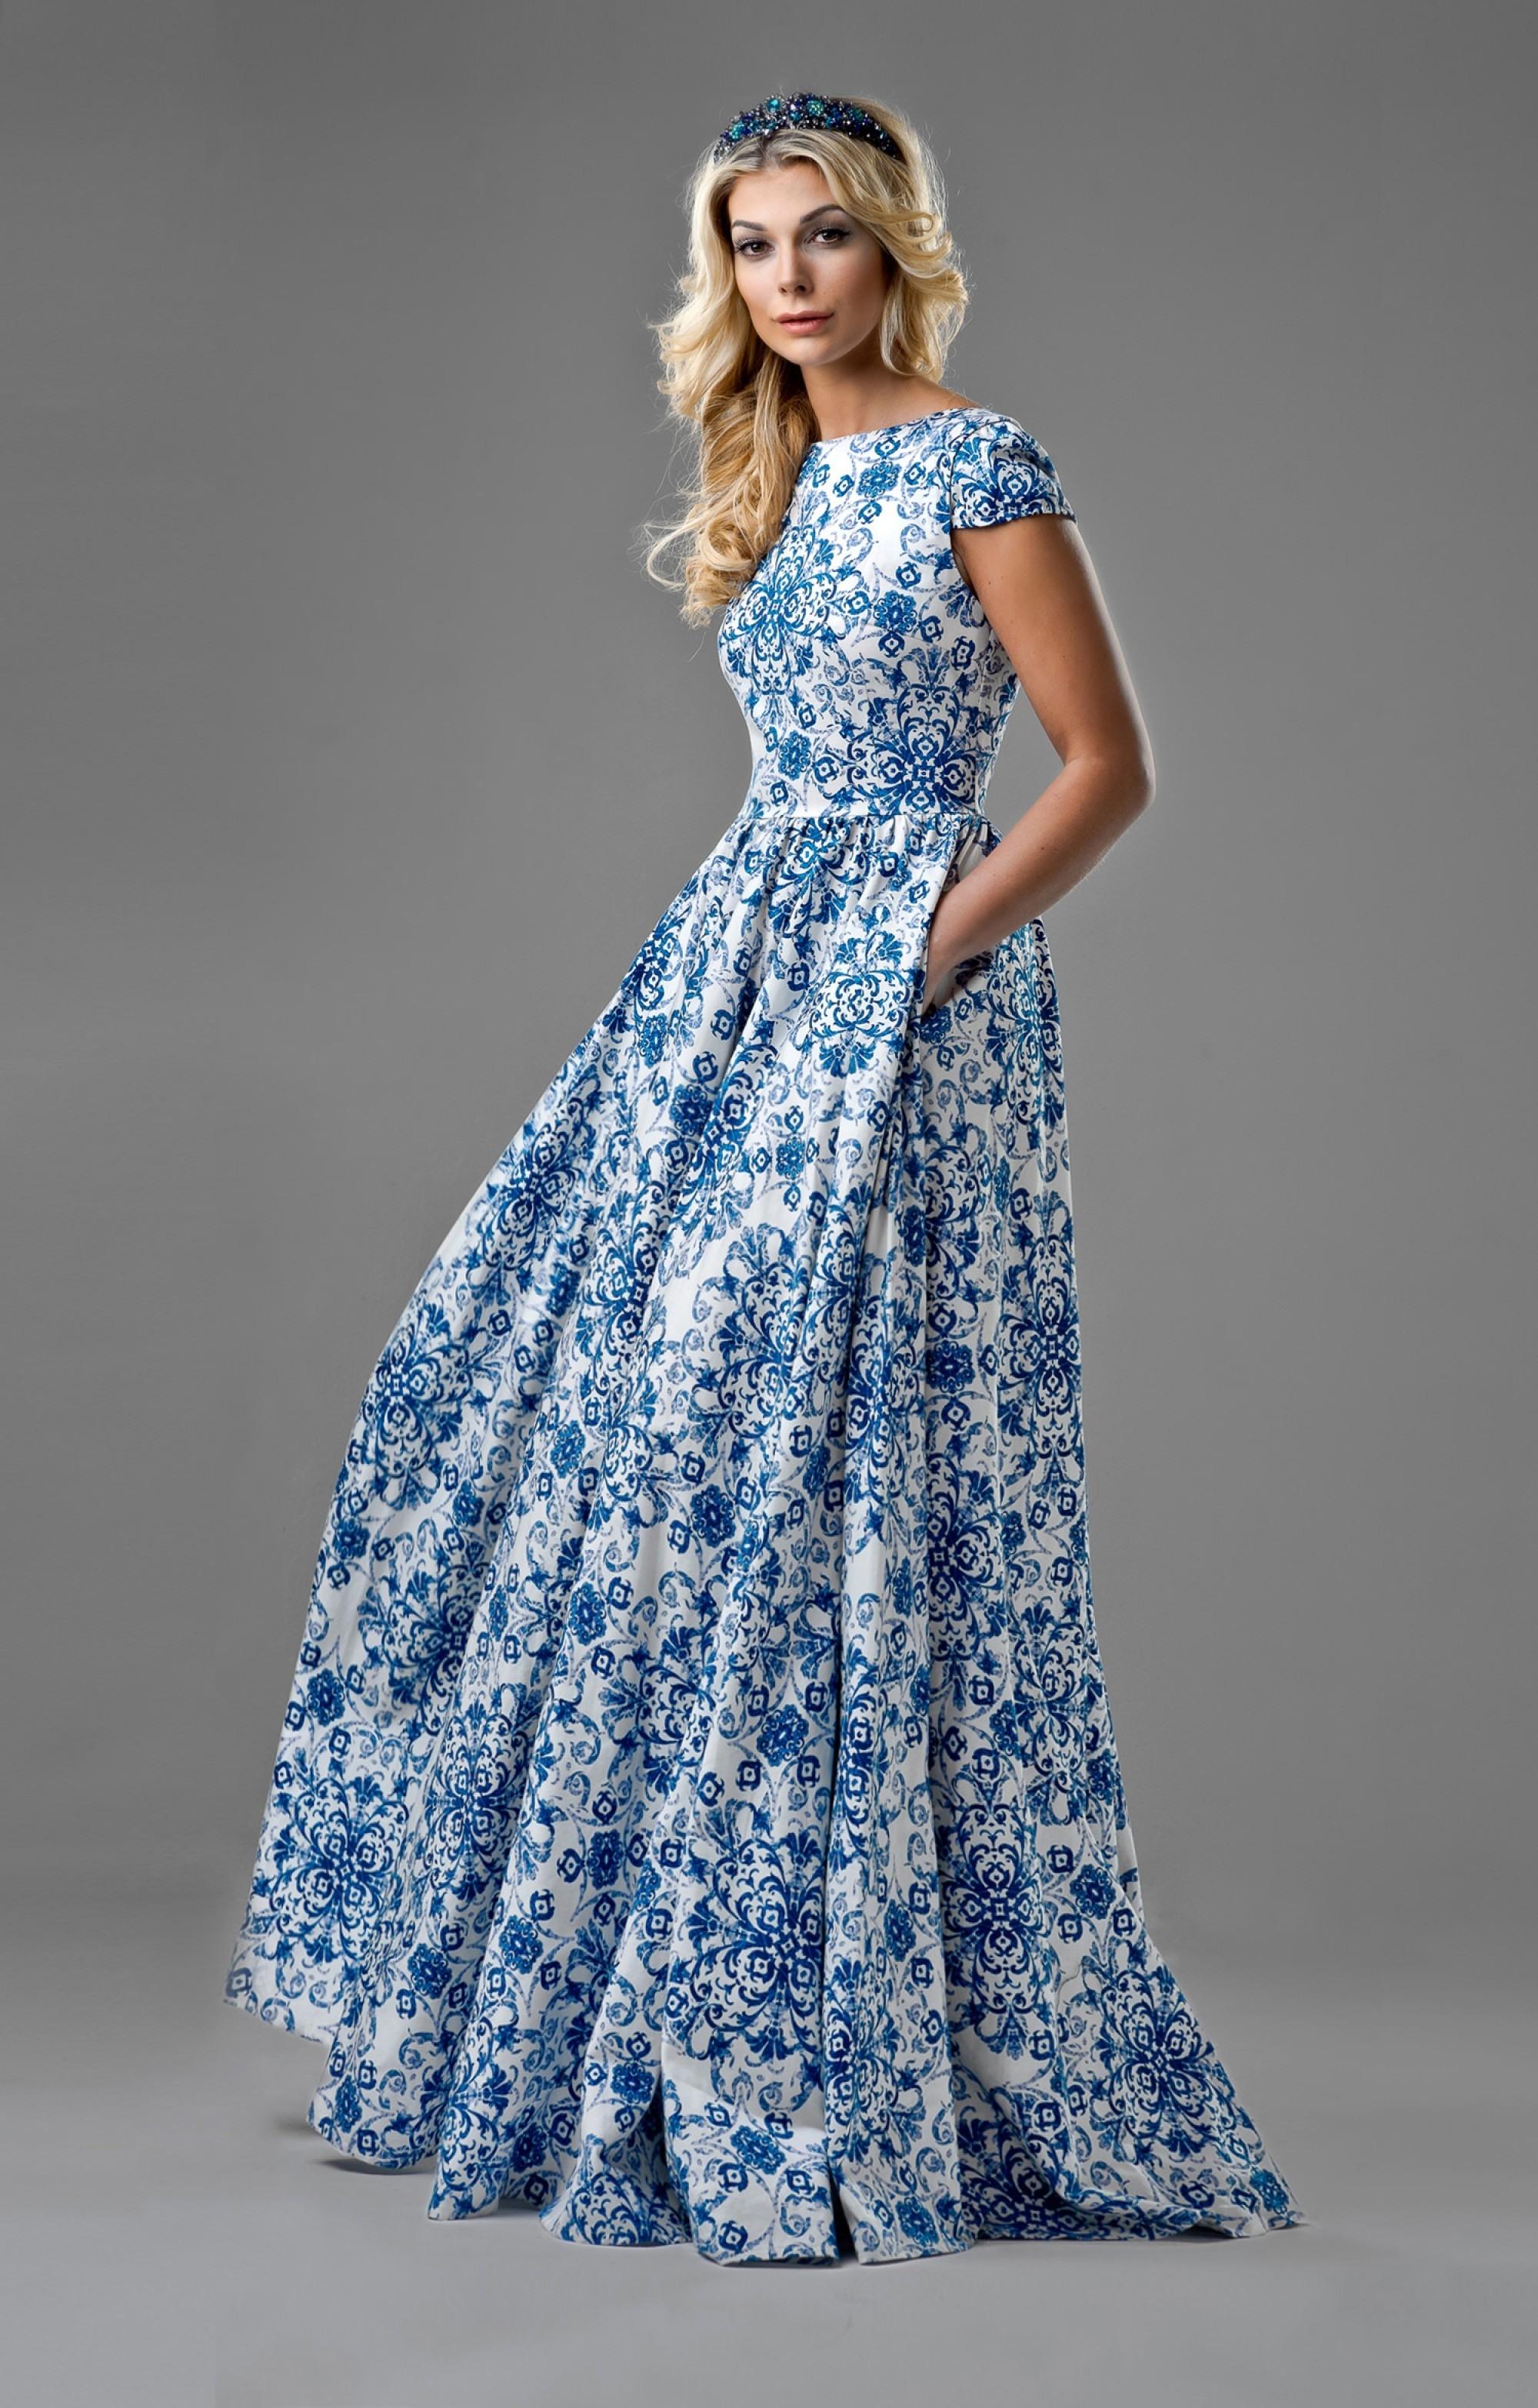 10 Perfekt Abendkleid Blau Design10 Ausgezeichnet Abendkleid Blau Galerie